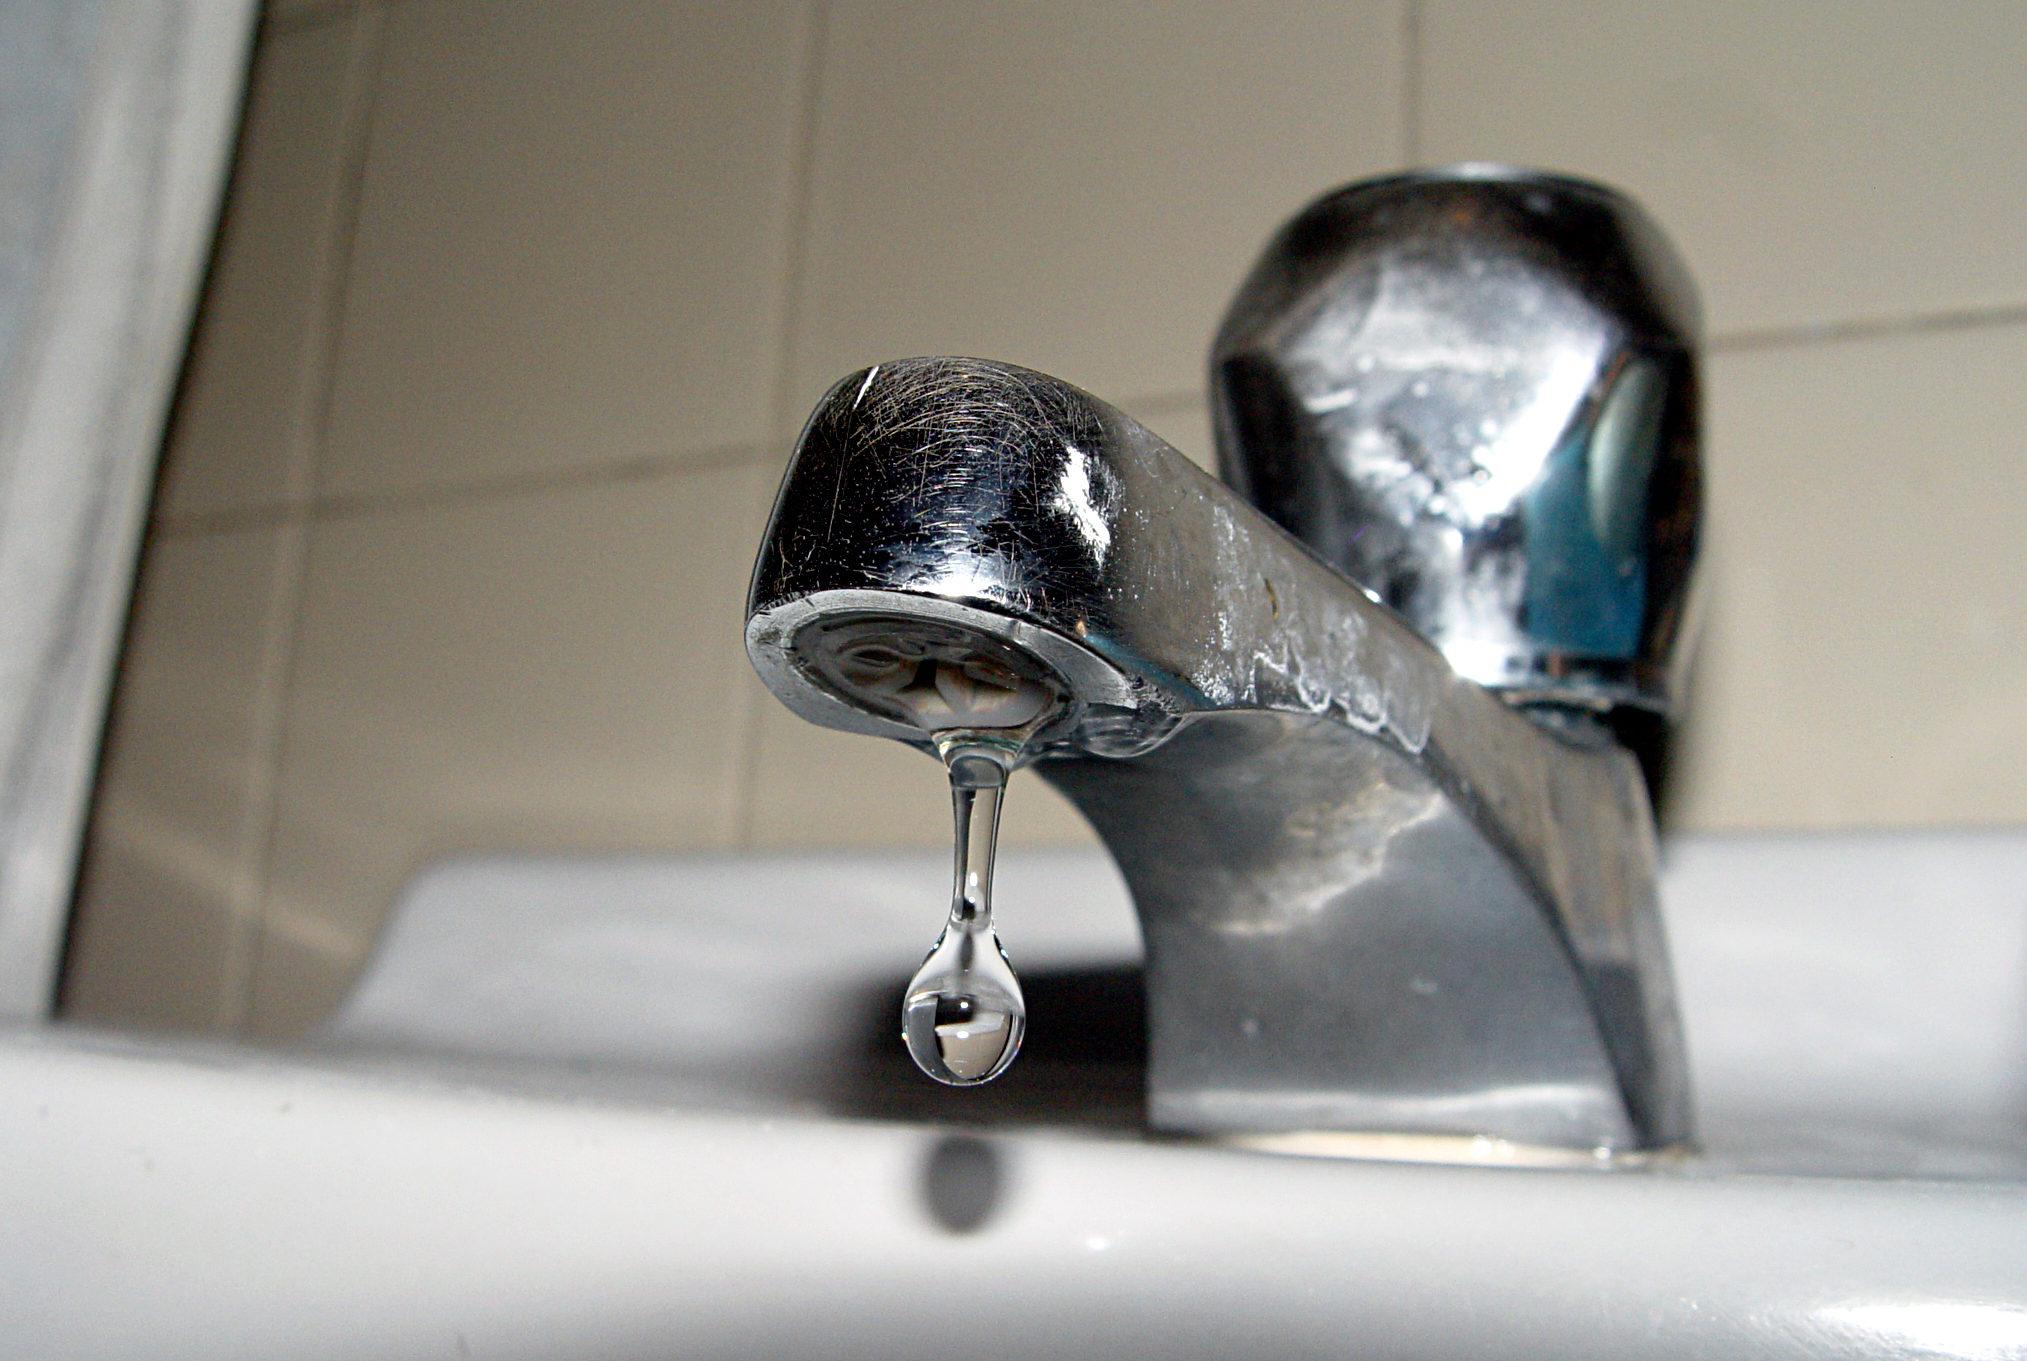 Problemas con el servicio de agua potable.